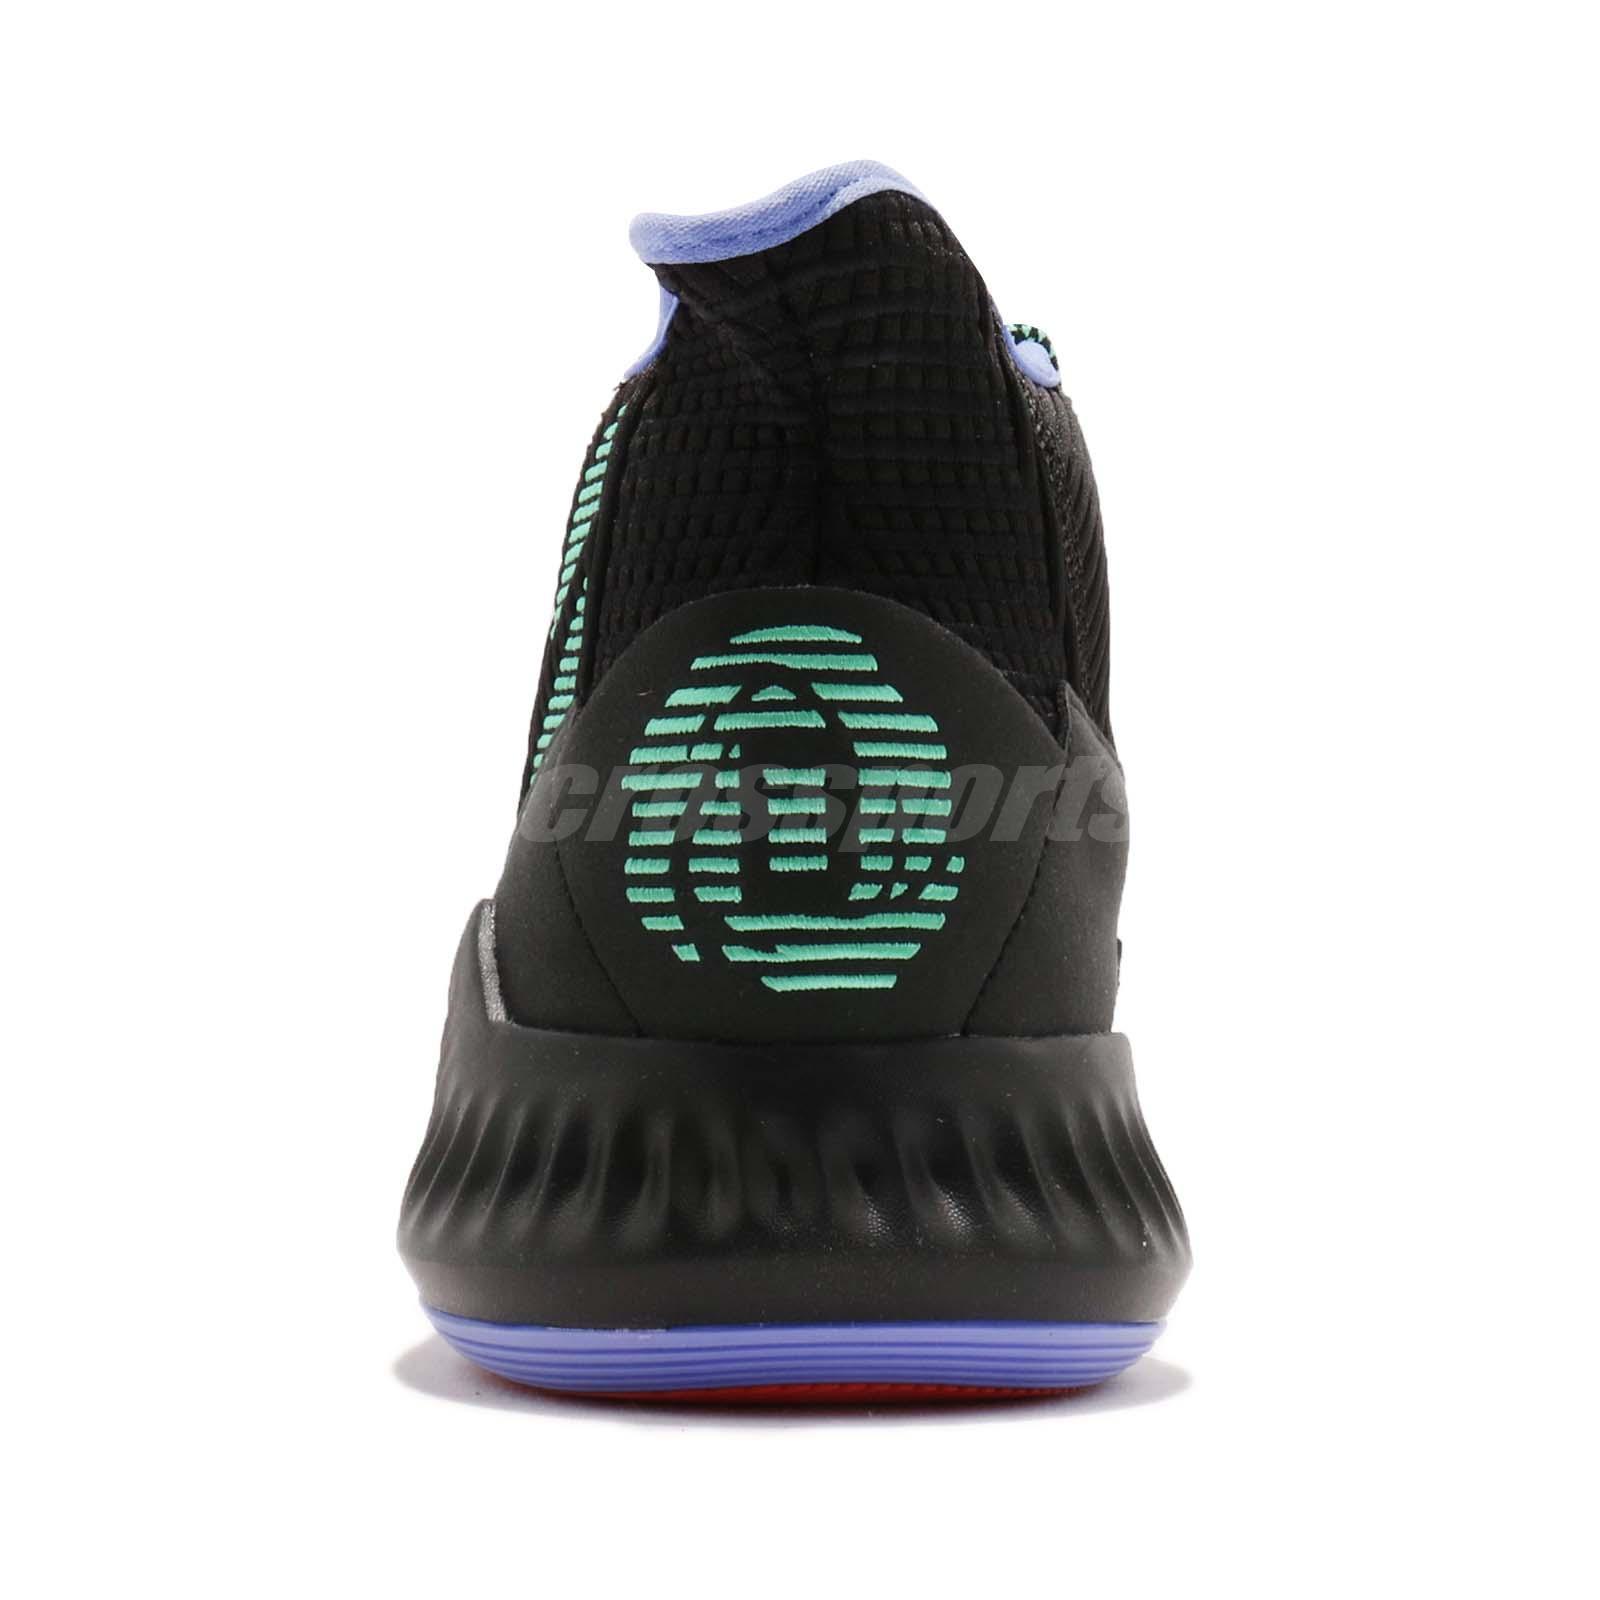 7737e6468d0f adidas D Rose 9 Derrick Black Green Purple BOUNCE Mens Basketball ...